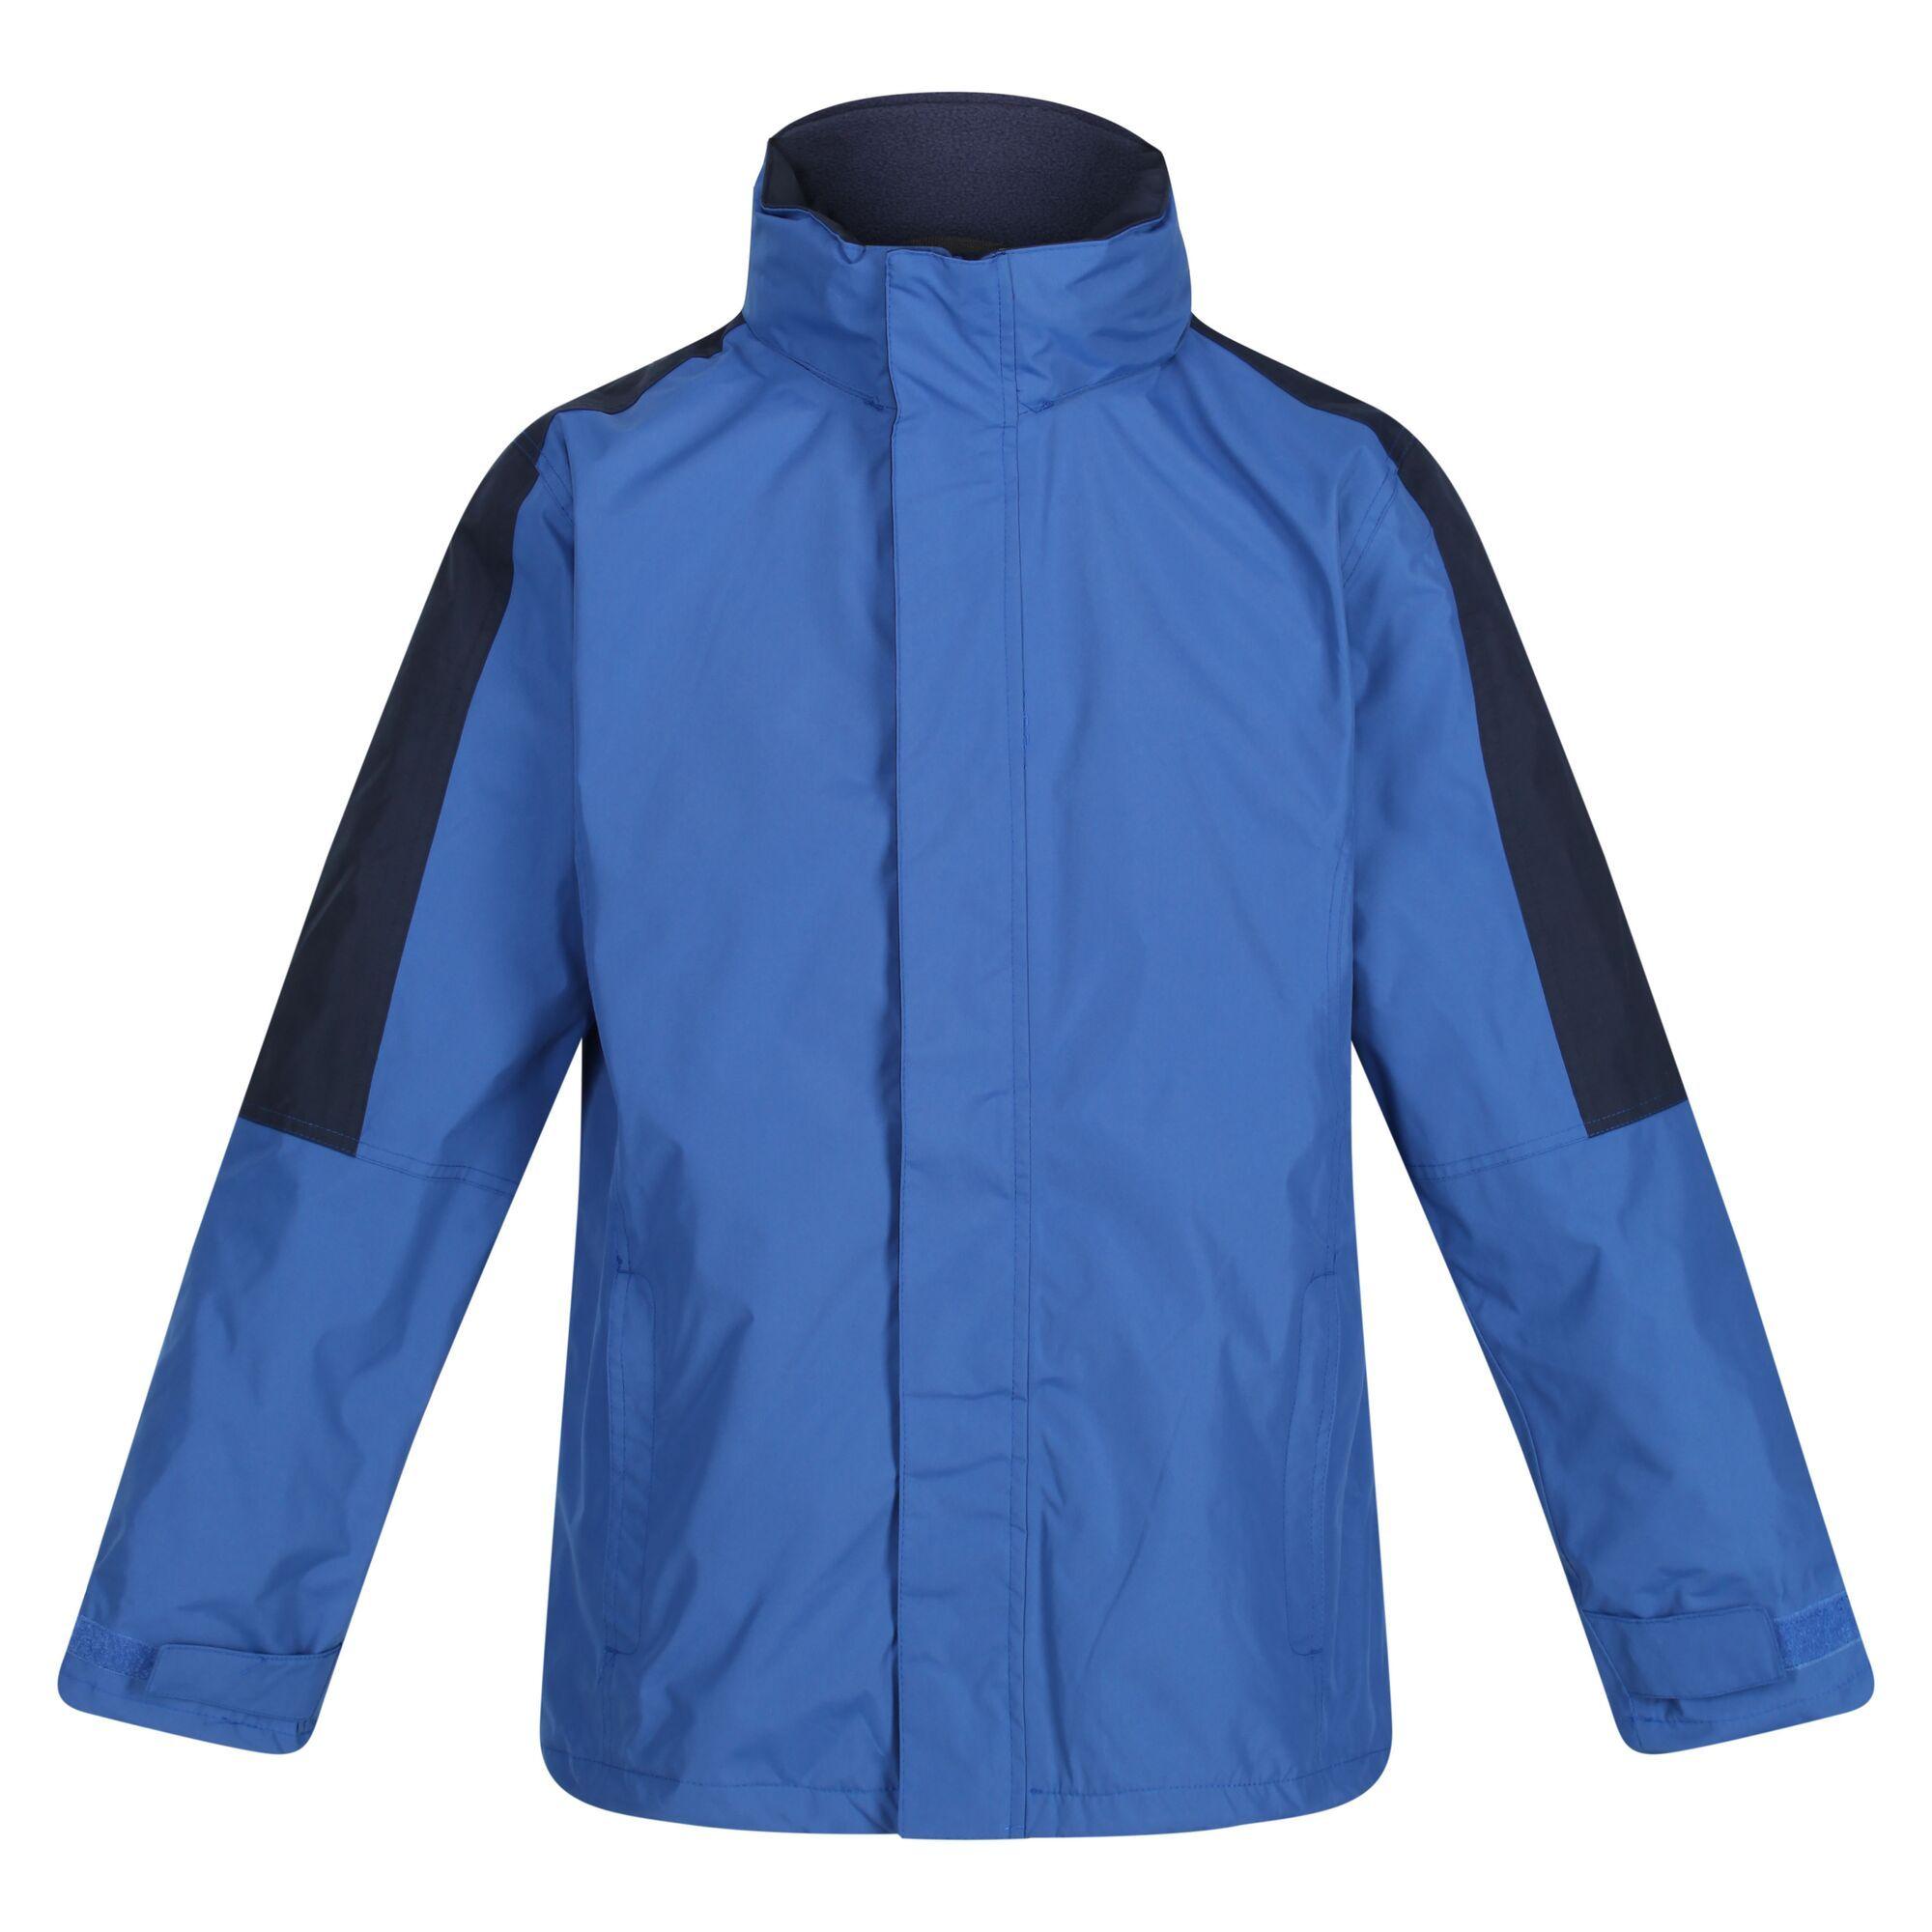 Regatta Mens Defender III 3-in-1 Waterproof Windproof Jacket / Performance Jacket (M UK) (Royal Blue/Navy)